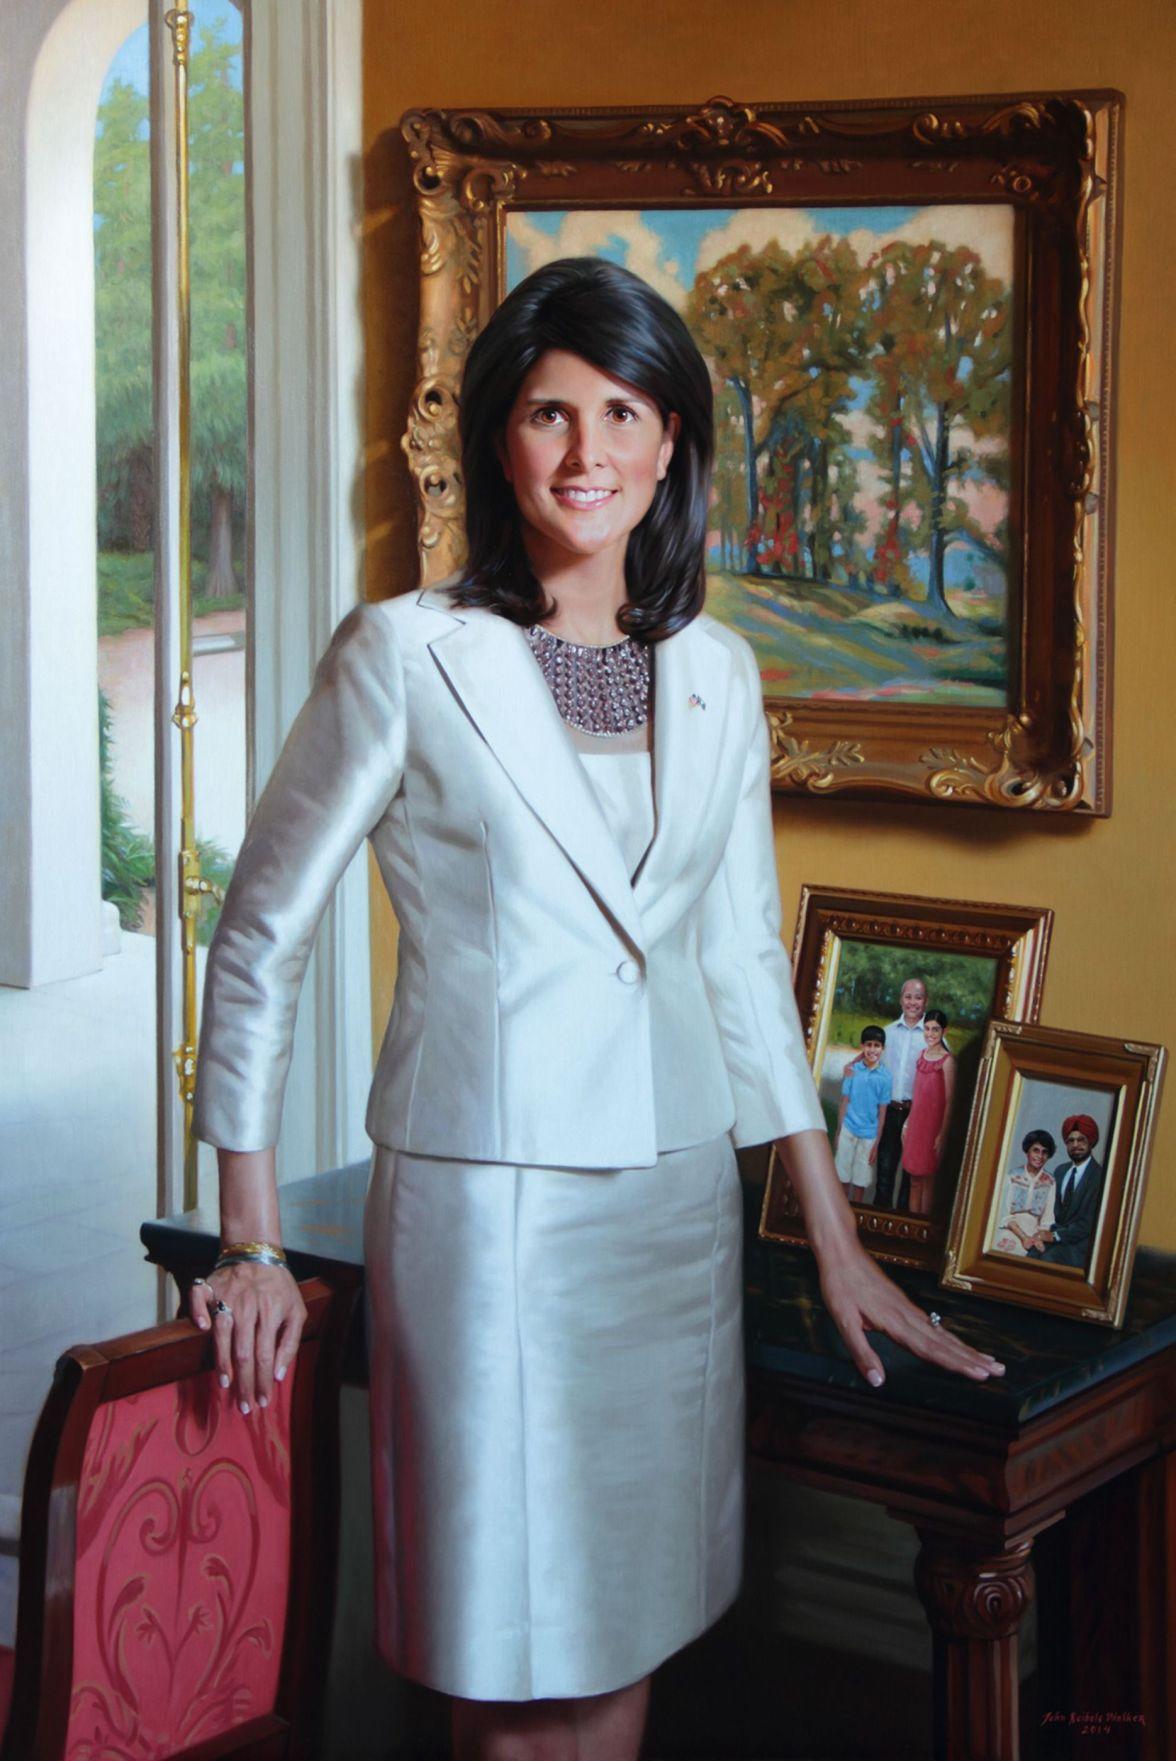 Gov. Nikki Haley unveils official portrait